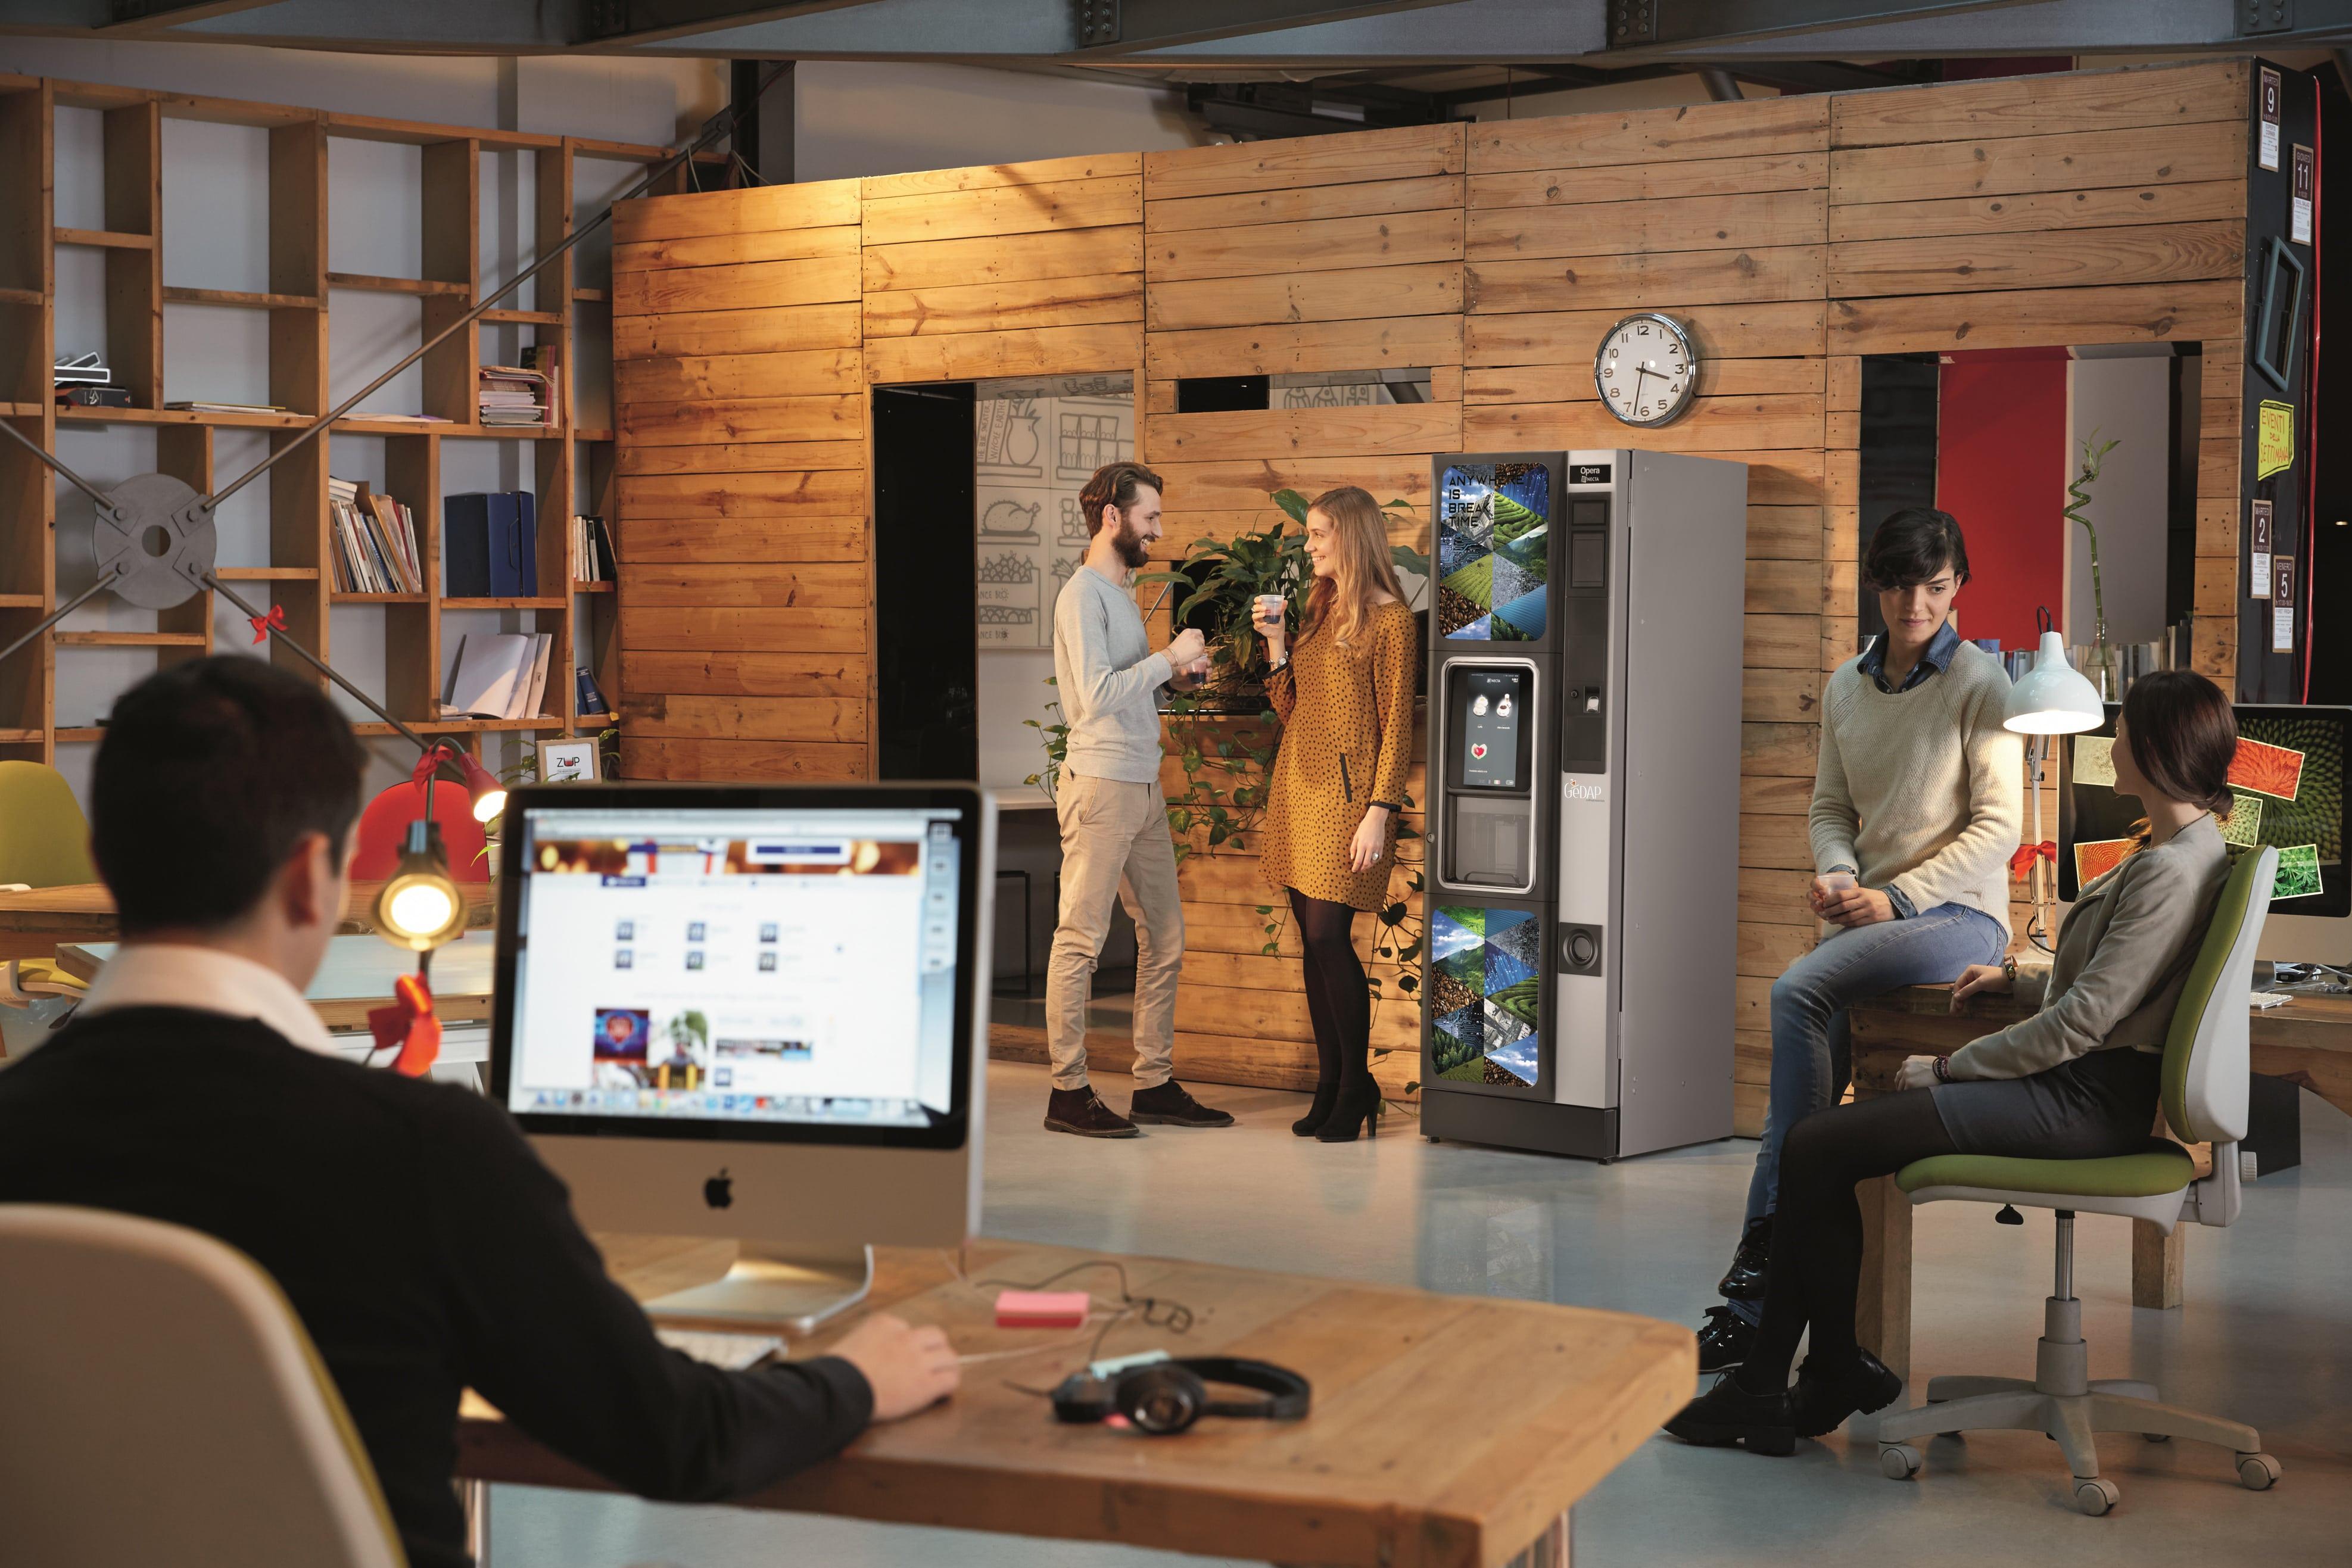 gedap-opera-touch-distributore-caffe-ufficio-min